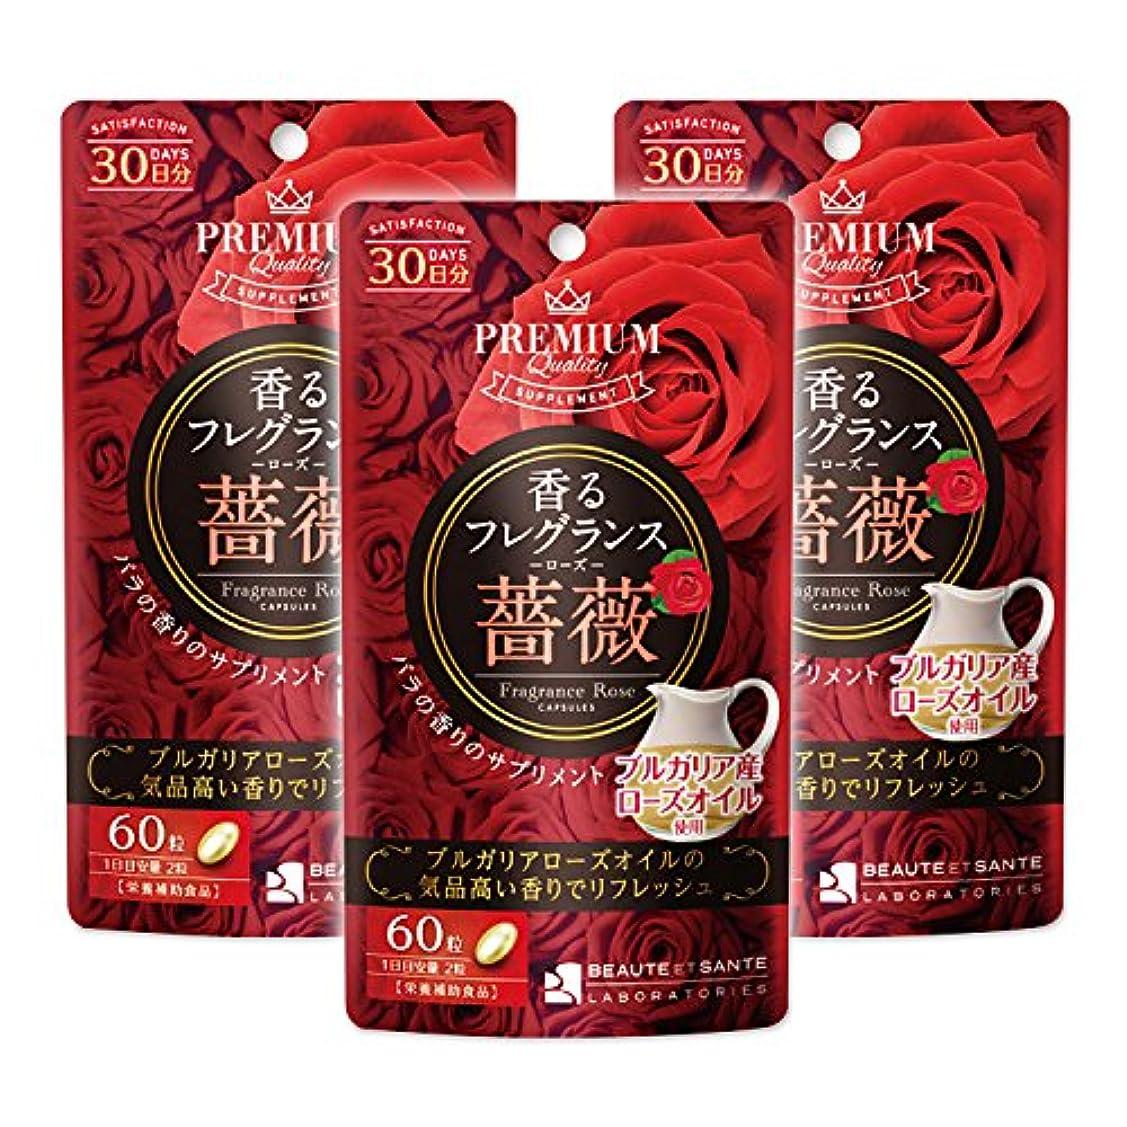 トーストデコードする助手香るフレグランス 薔薇 ローズ [60粒]◆3袋セット◆